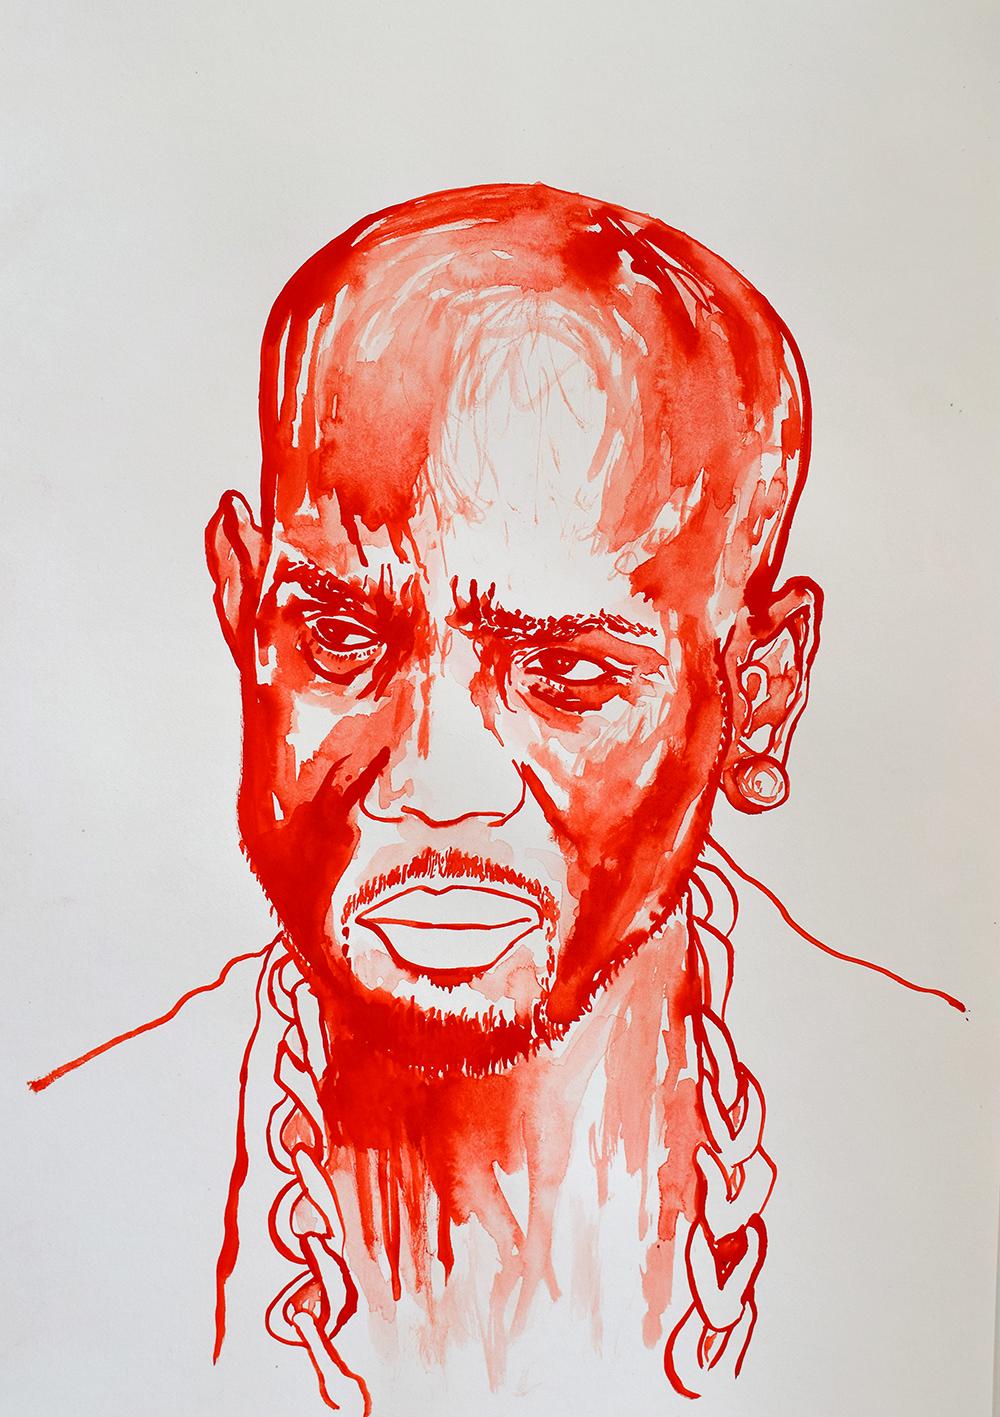 `DMX', 29.7 x 42.0cm, watercolour on 230g akvarel paper, 2017